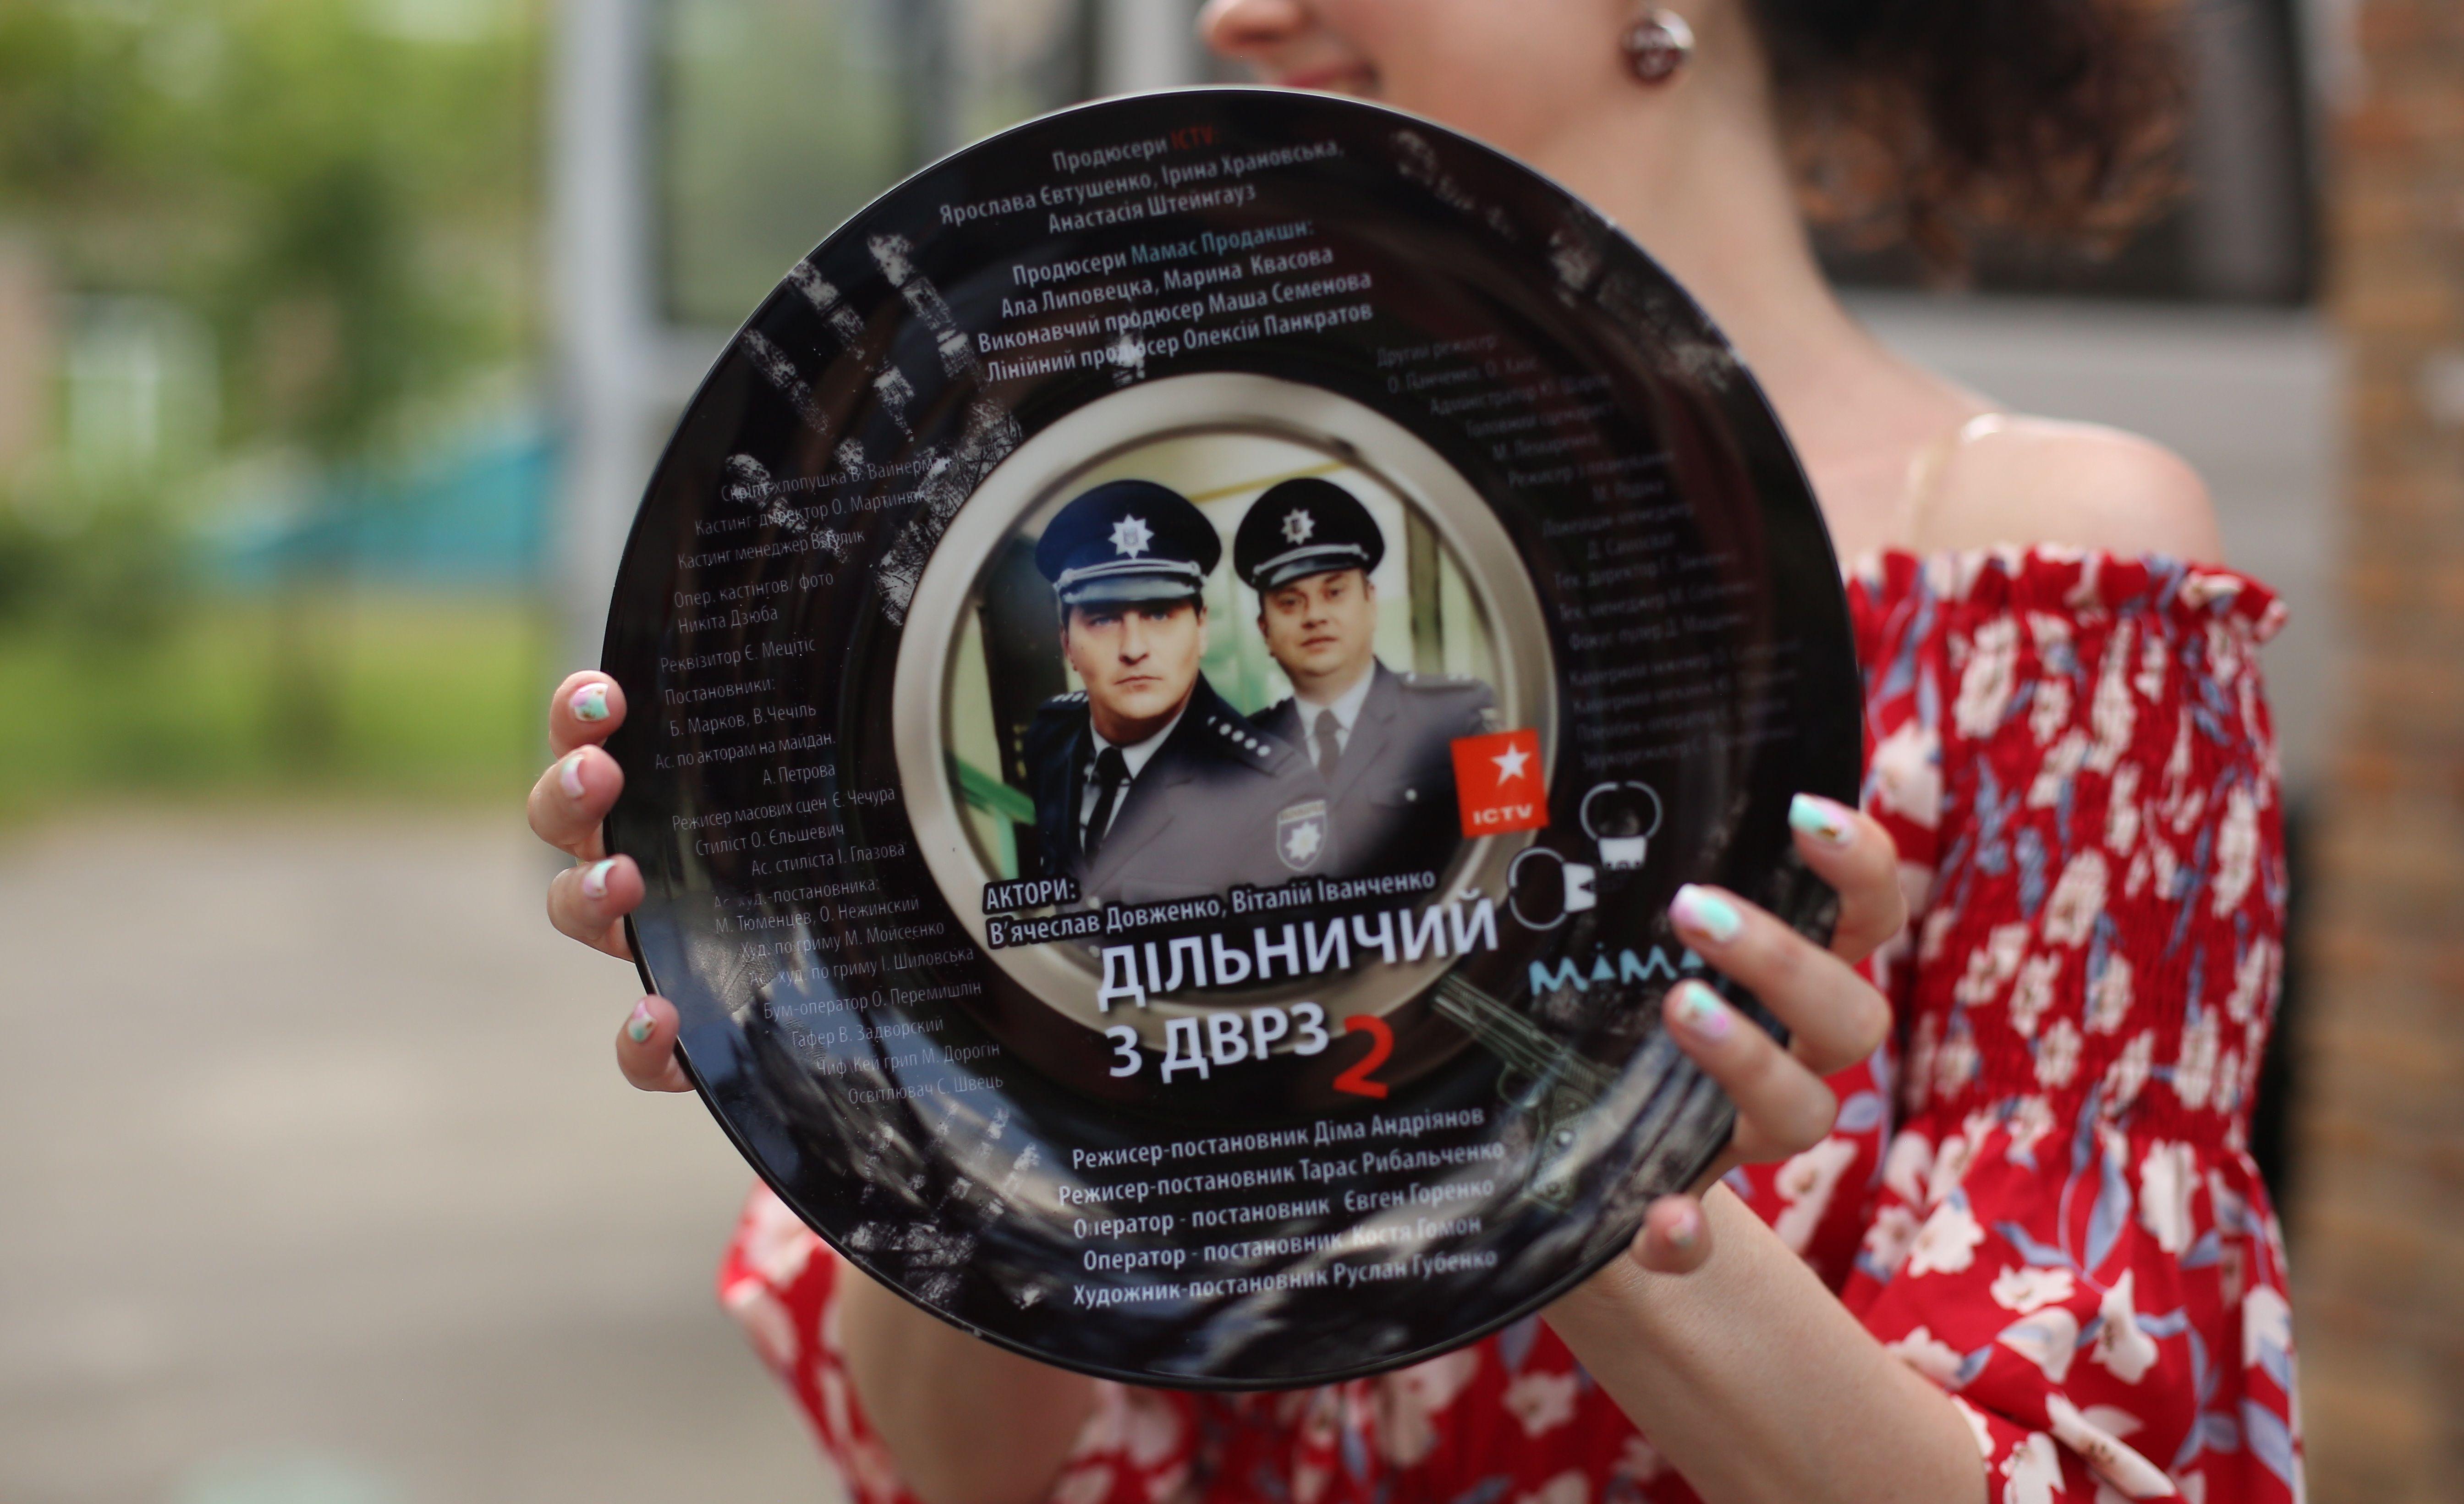 ICTV знімає другий сезон серіалу «Дільничний з ДВРЗ»